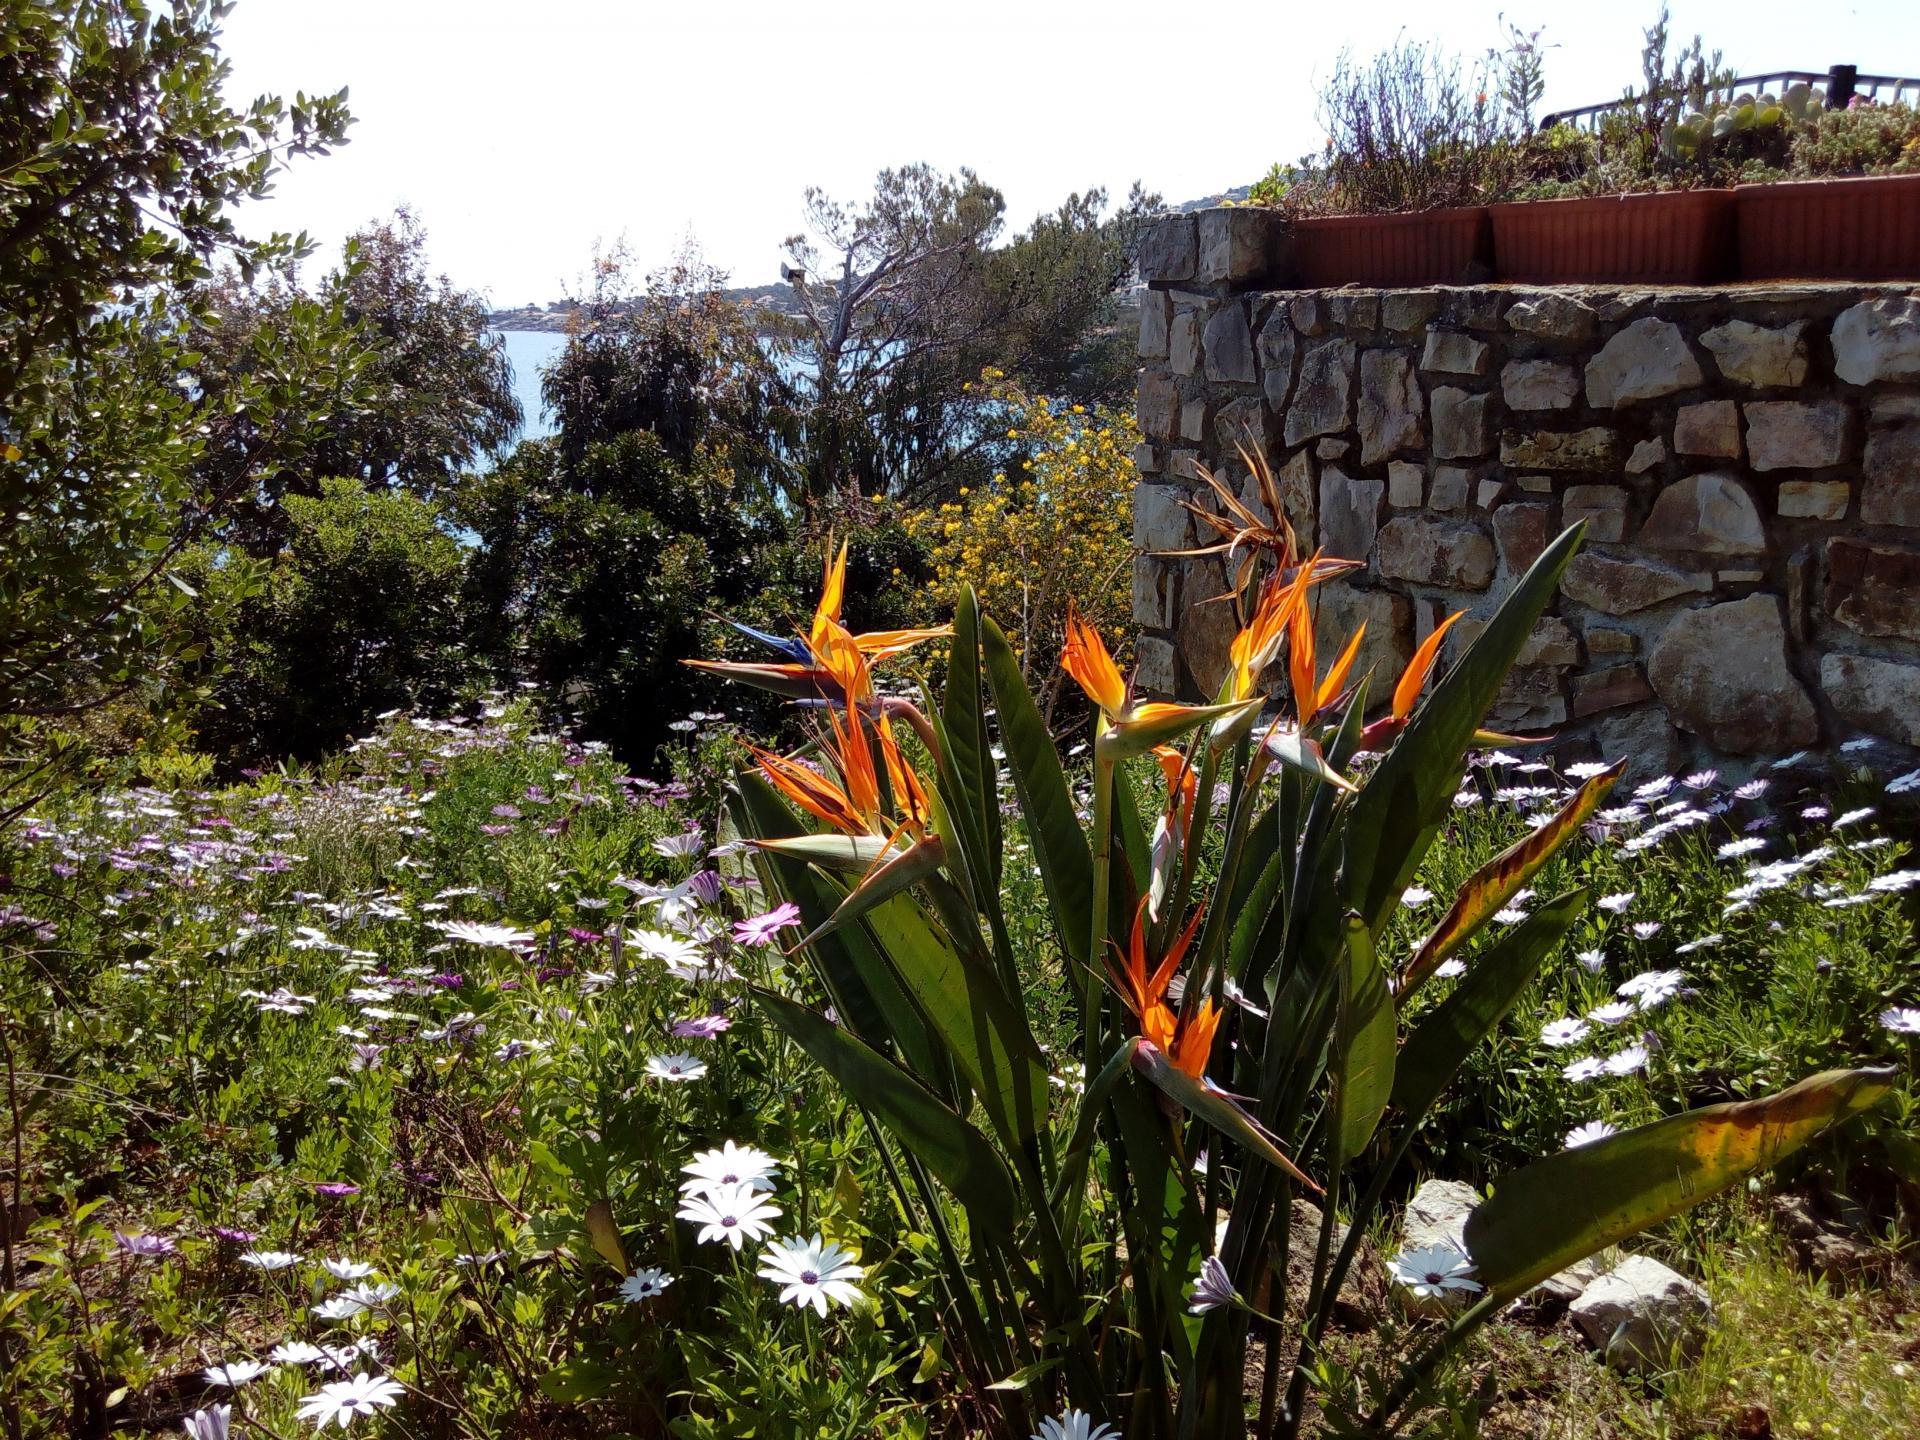 Full of flowers in the garden